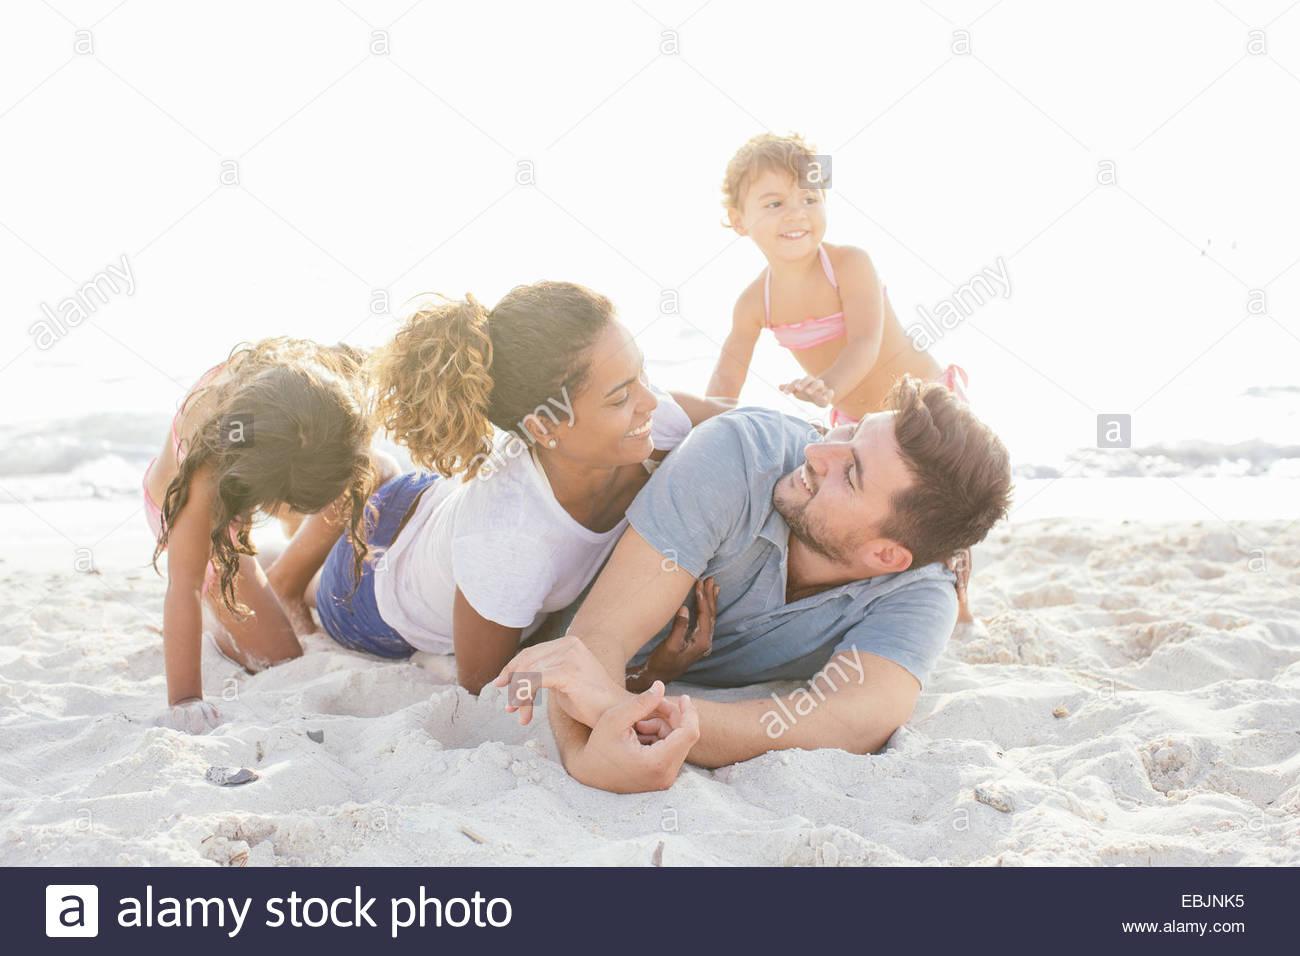 Pareja con dos niñas a jugar combates en playa, Toscana, Italia Imagen De Stock